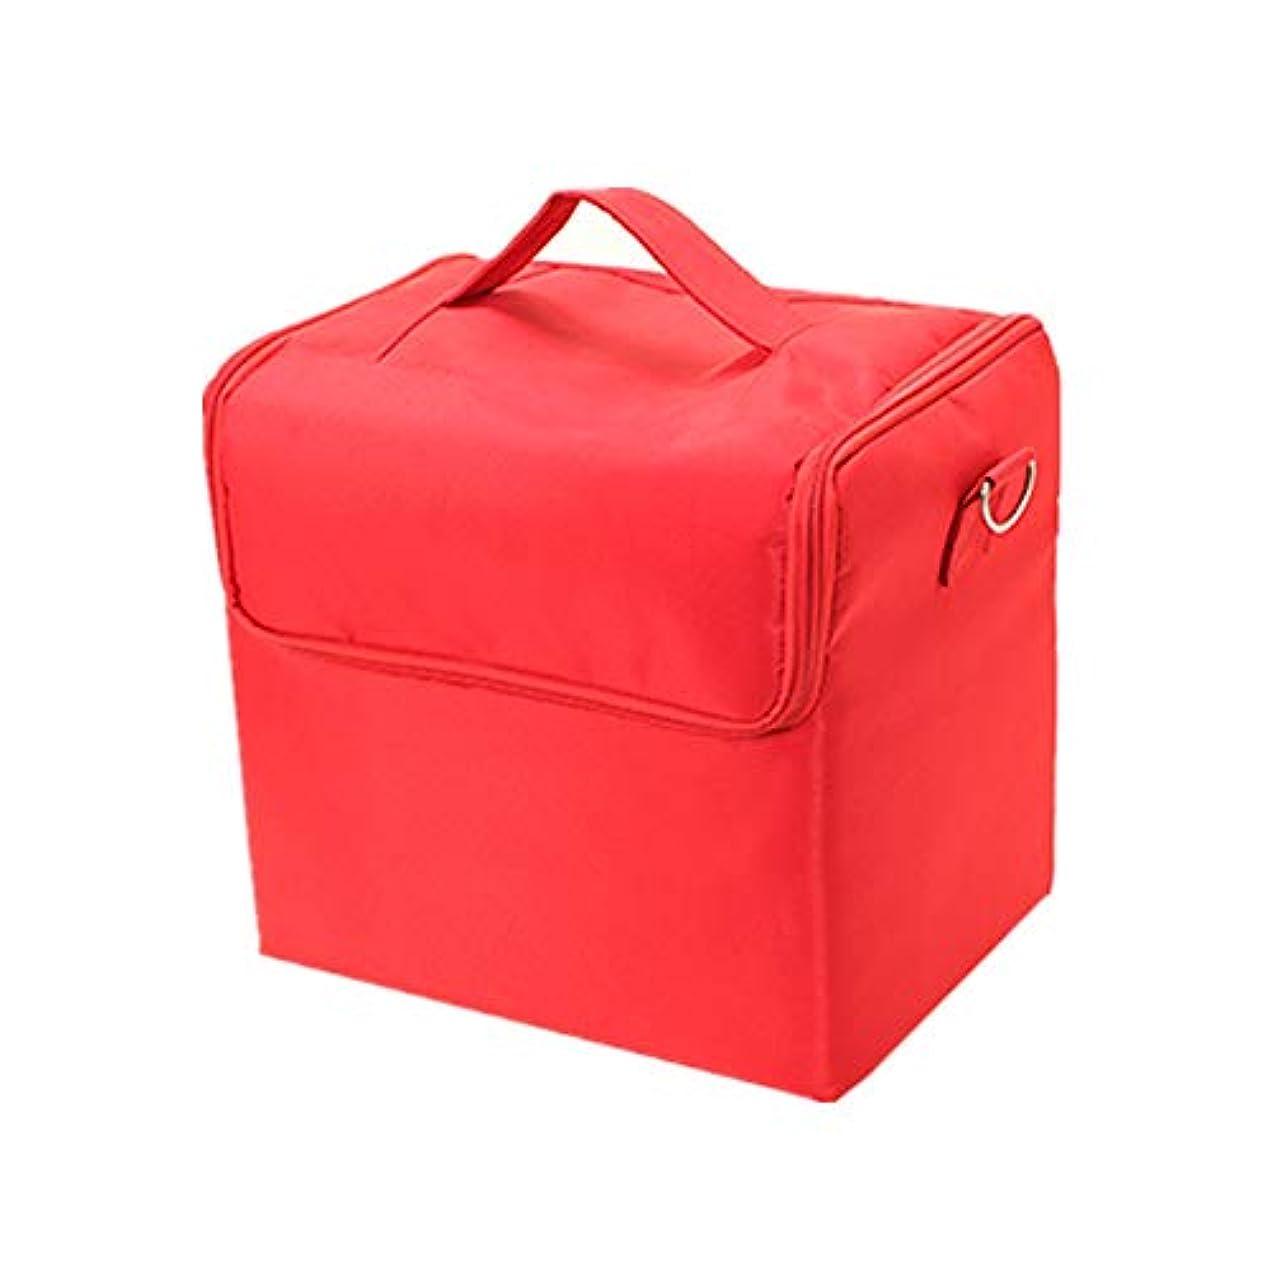 抜粋懐疑的真鍮化粧オーガナイザーバッグ 純粋な色のカジュアルポータ??ブル化粧品バッグ美容メイクアップとトラベルで旅行 化粧品ケース